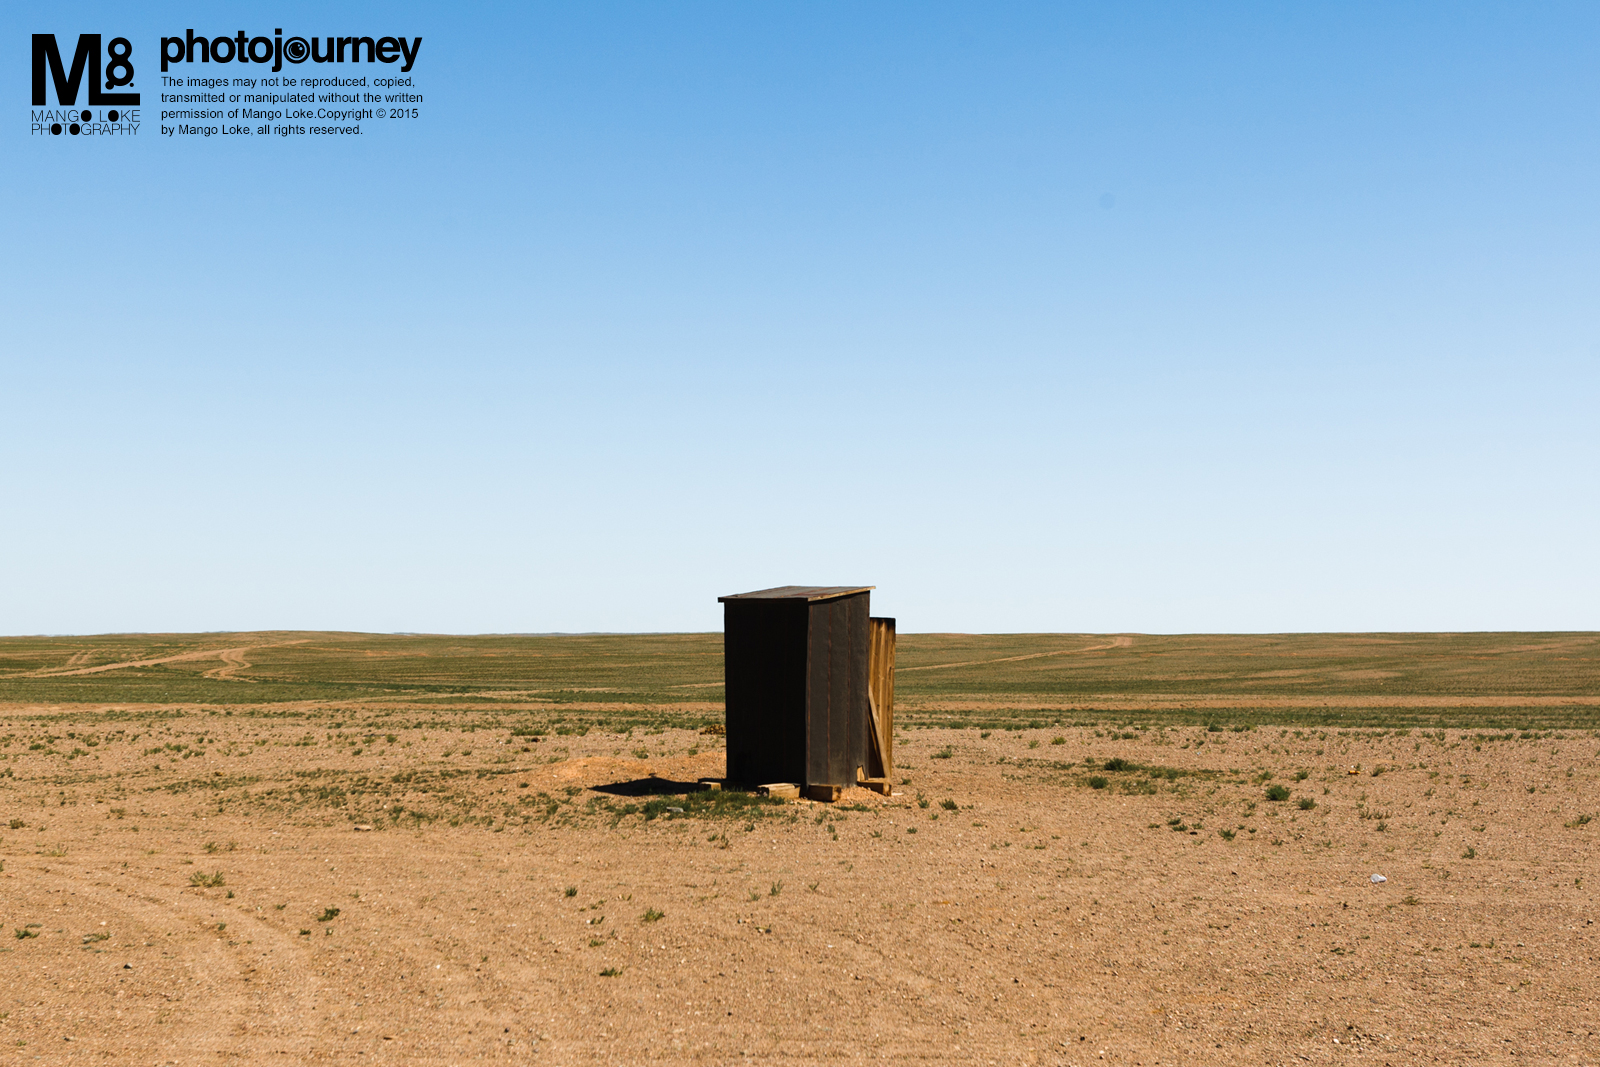 """居家厕所.The Lavatory 蒙古. Mongolia. 2011 CANON1DMKIII 16-35MM F2.8L 1/500 F5.6 ISO100  去过中国旅游的旅客都知道,上厕所是一件多么具挑战性的事情.门都没,就只有一个马桶,少一份勇气也成不了事. 然而,外蒙古却更具挑战性,门倒是有了,却没有马桶,只有两条稍微比脚板大的方板直跨两岸股下哪充满无限惊喜的巨大""""黑洞""""。勇气是必然的,还得要持久平稳的勇气才能成大业啊."""